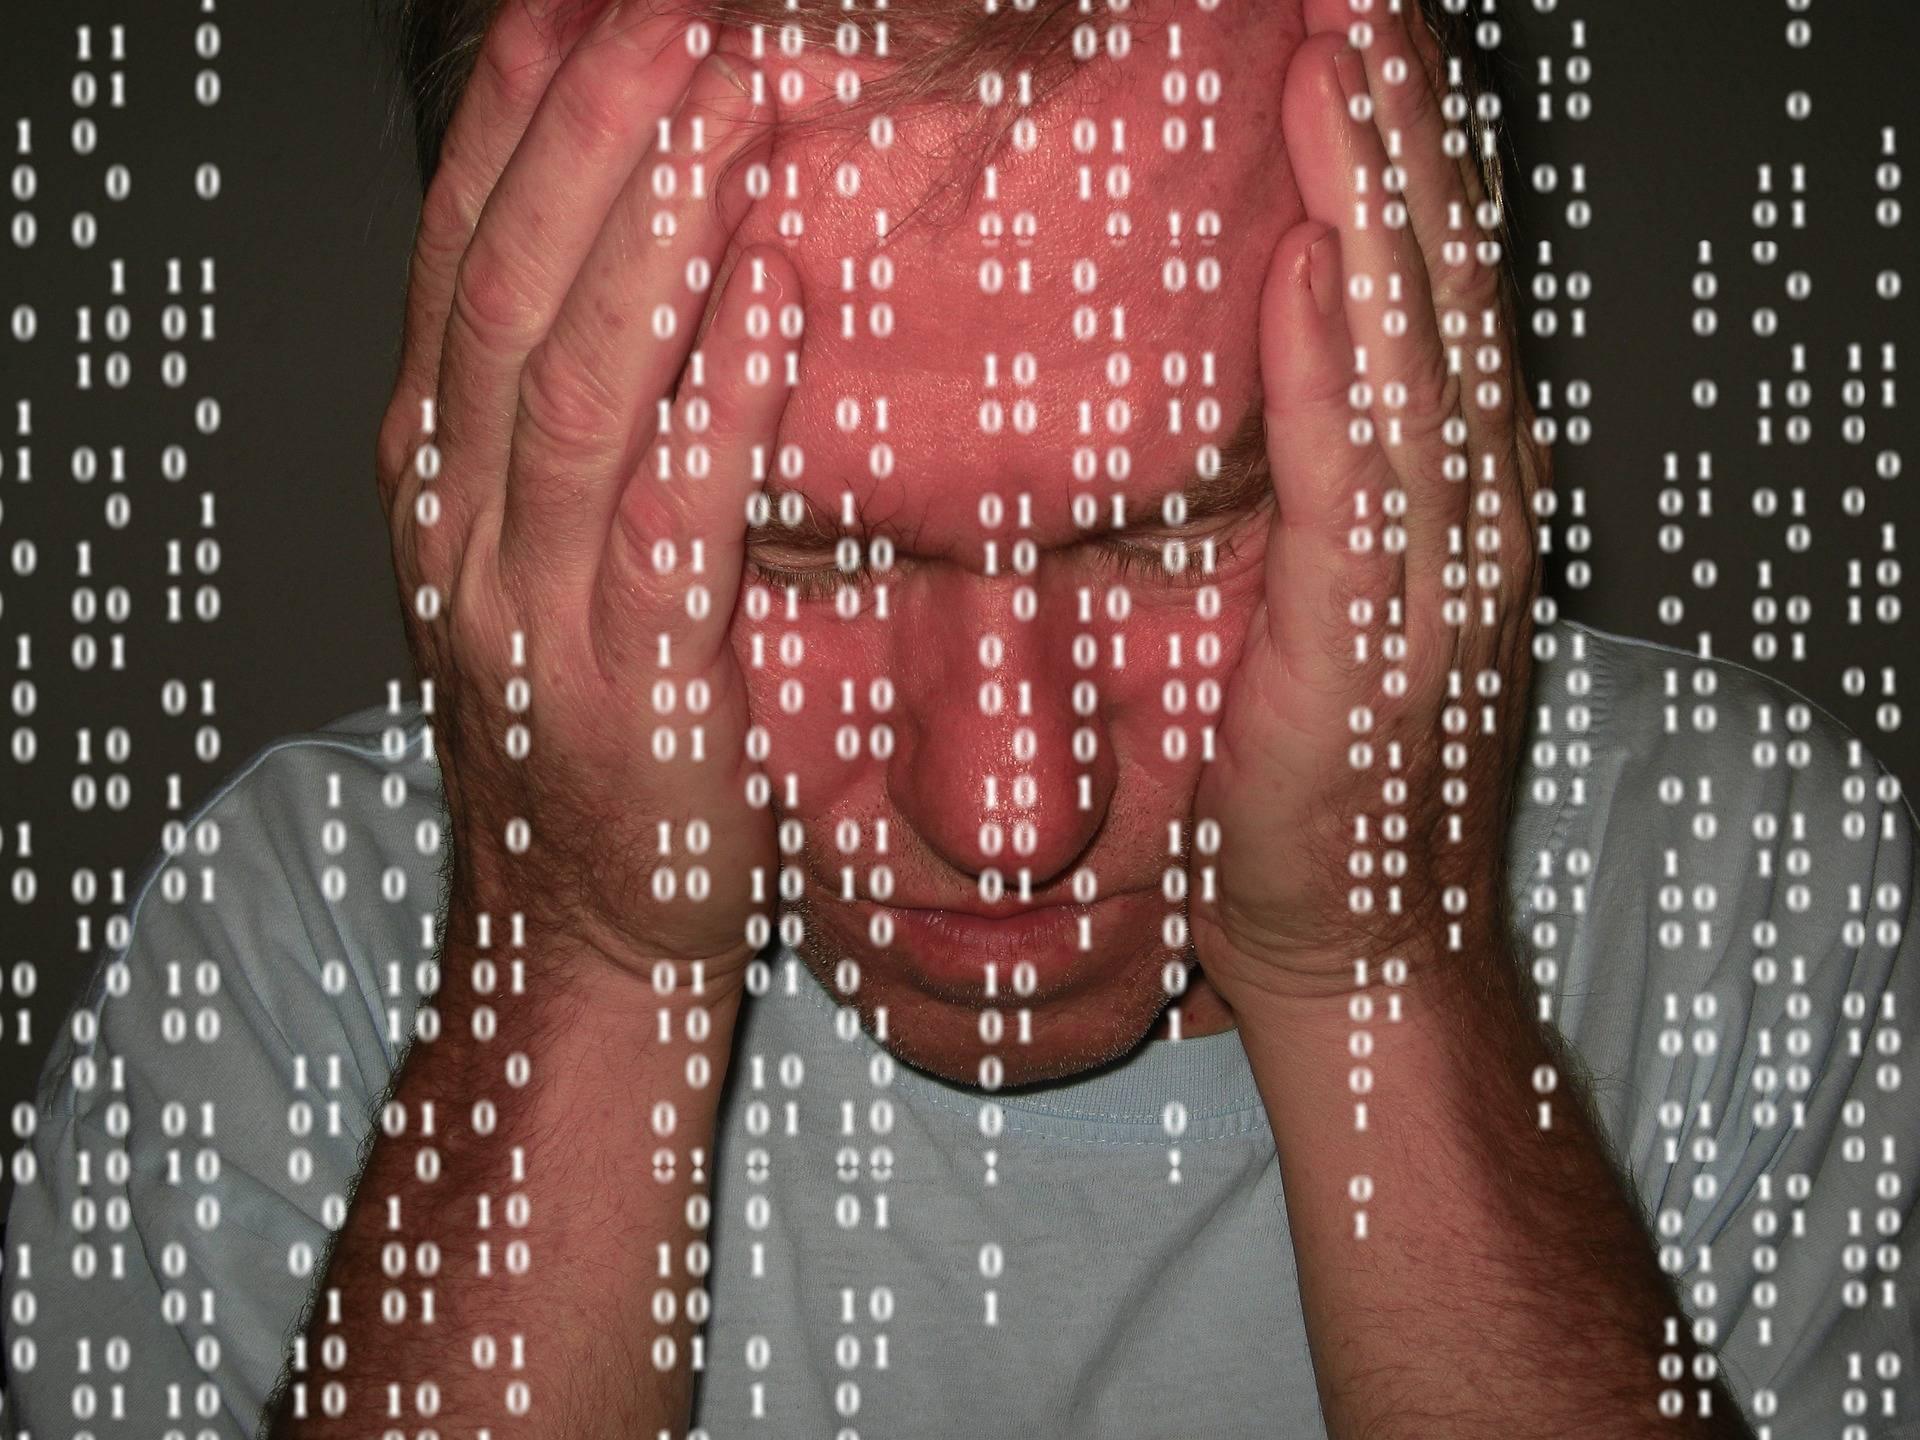 Le cybervandalisme envahit internet | Archimag